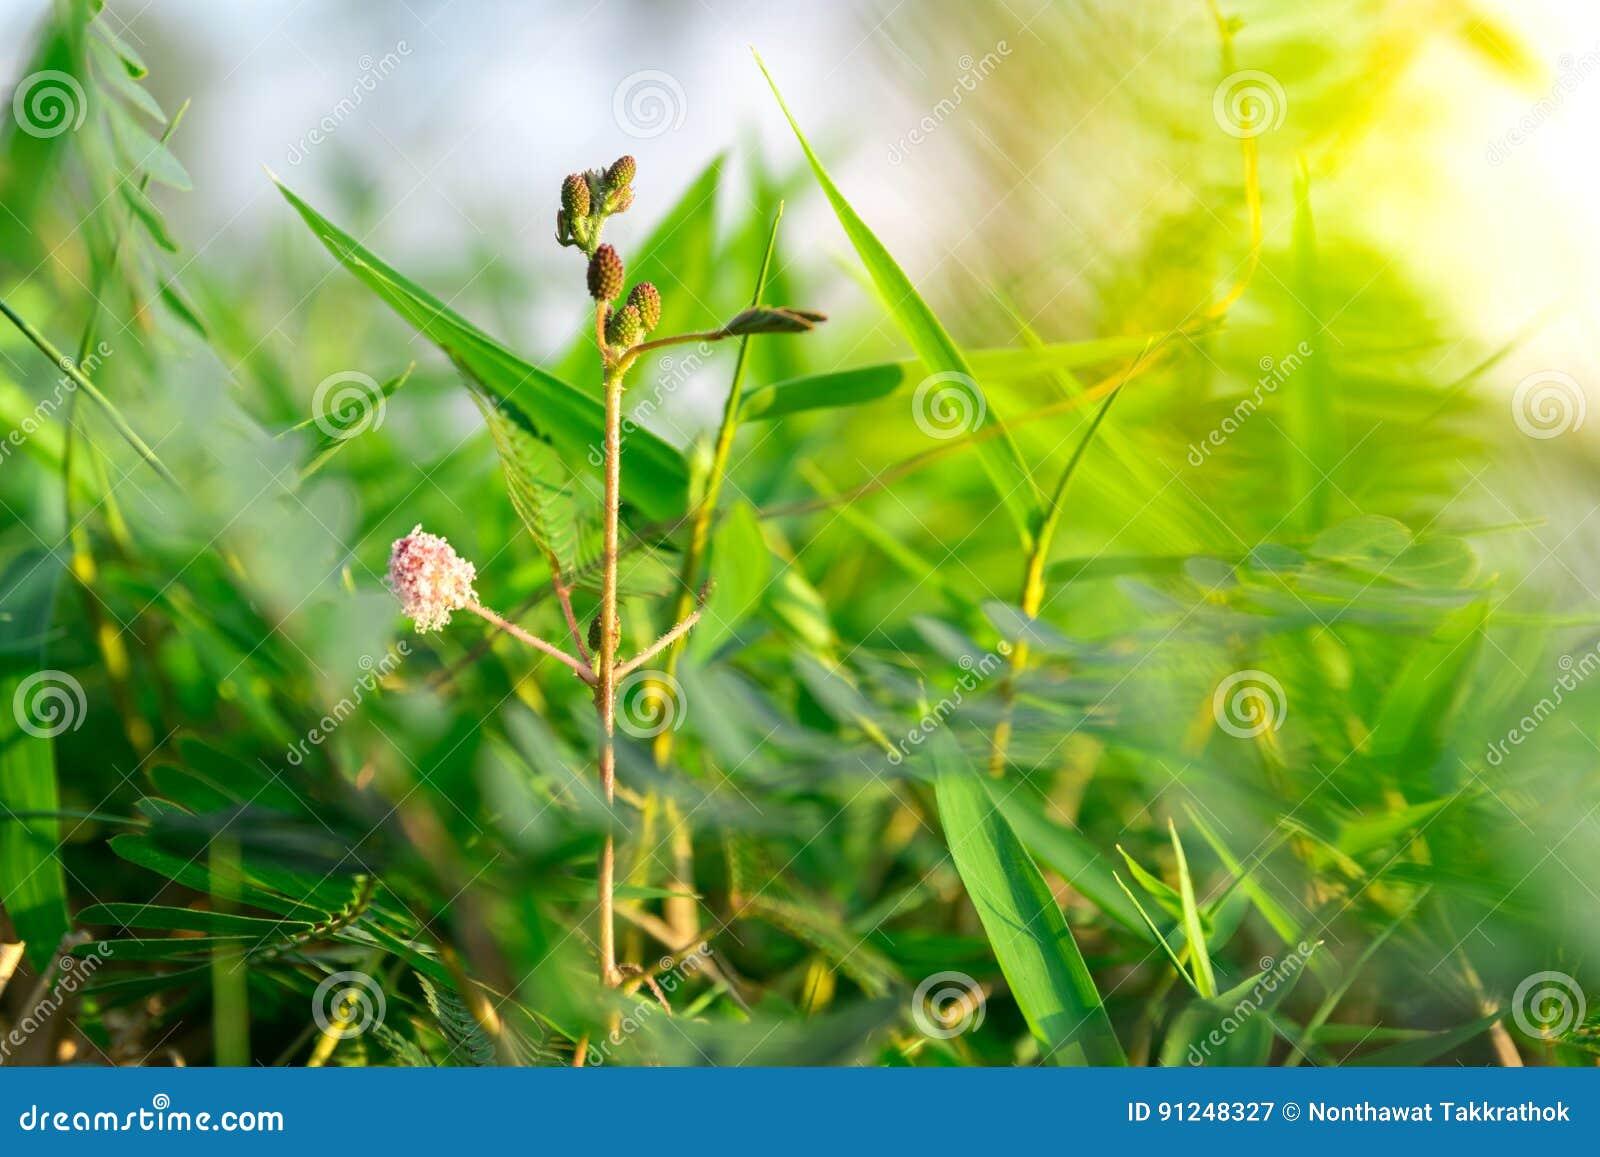 Kwiatu pączek z zielonym liściem